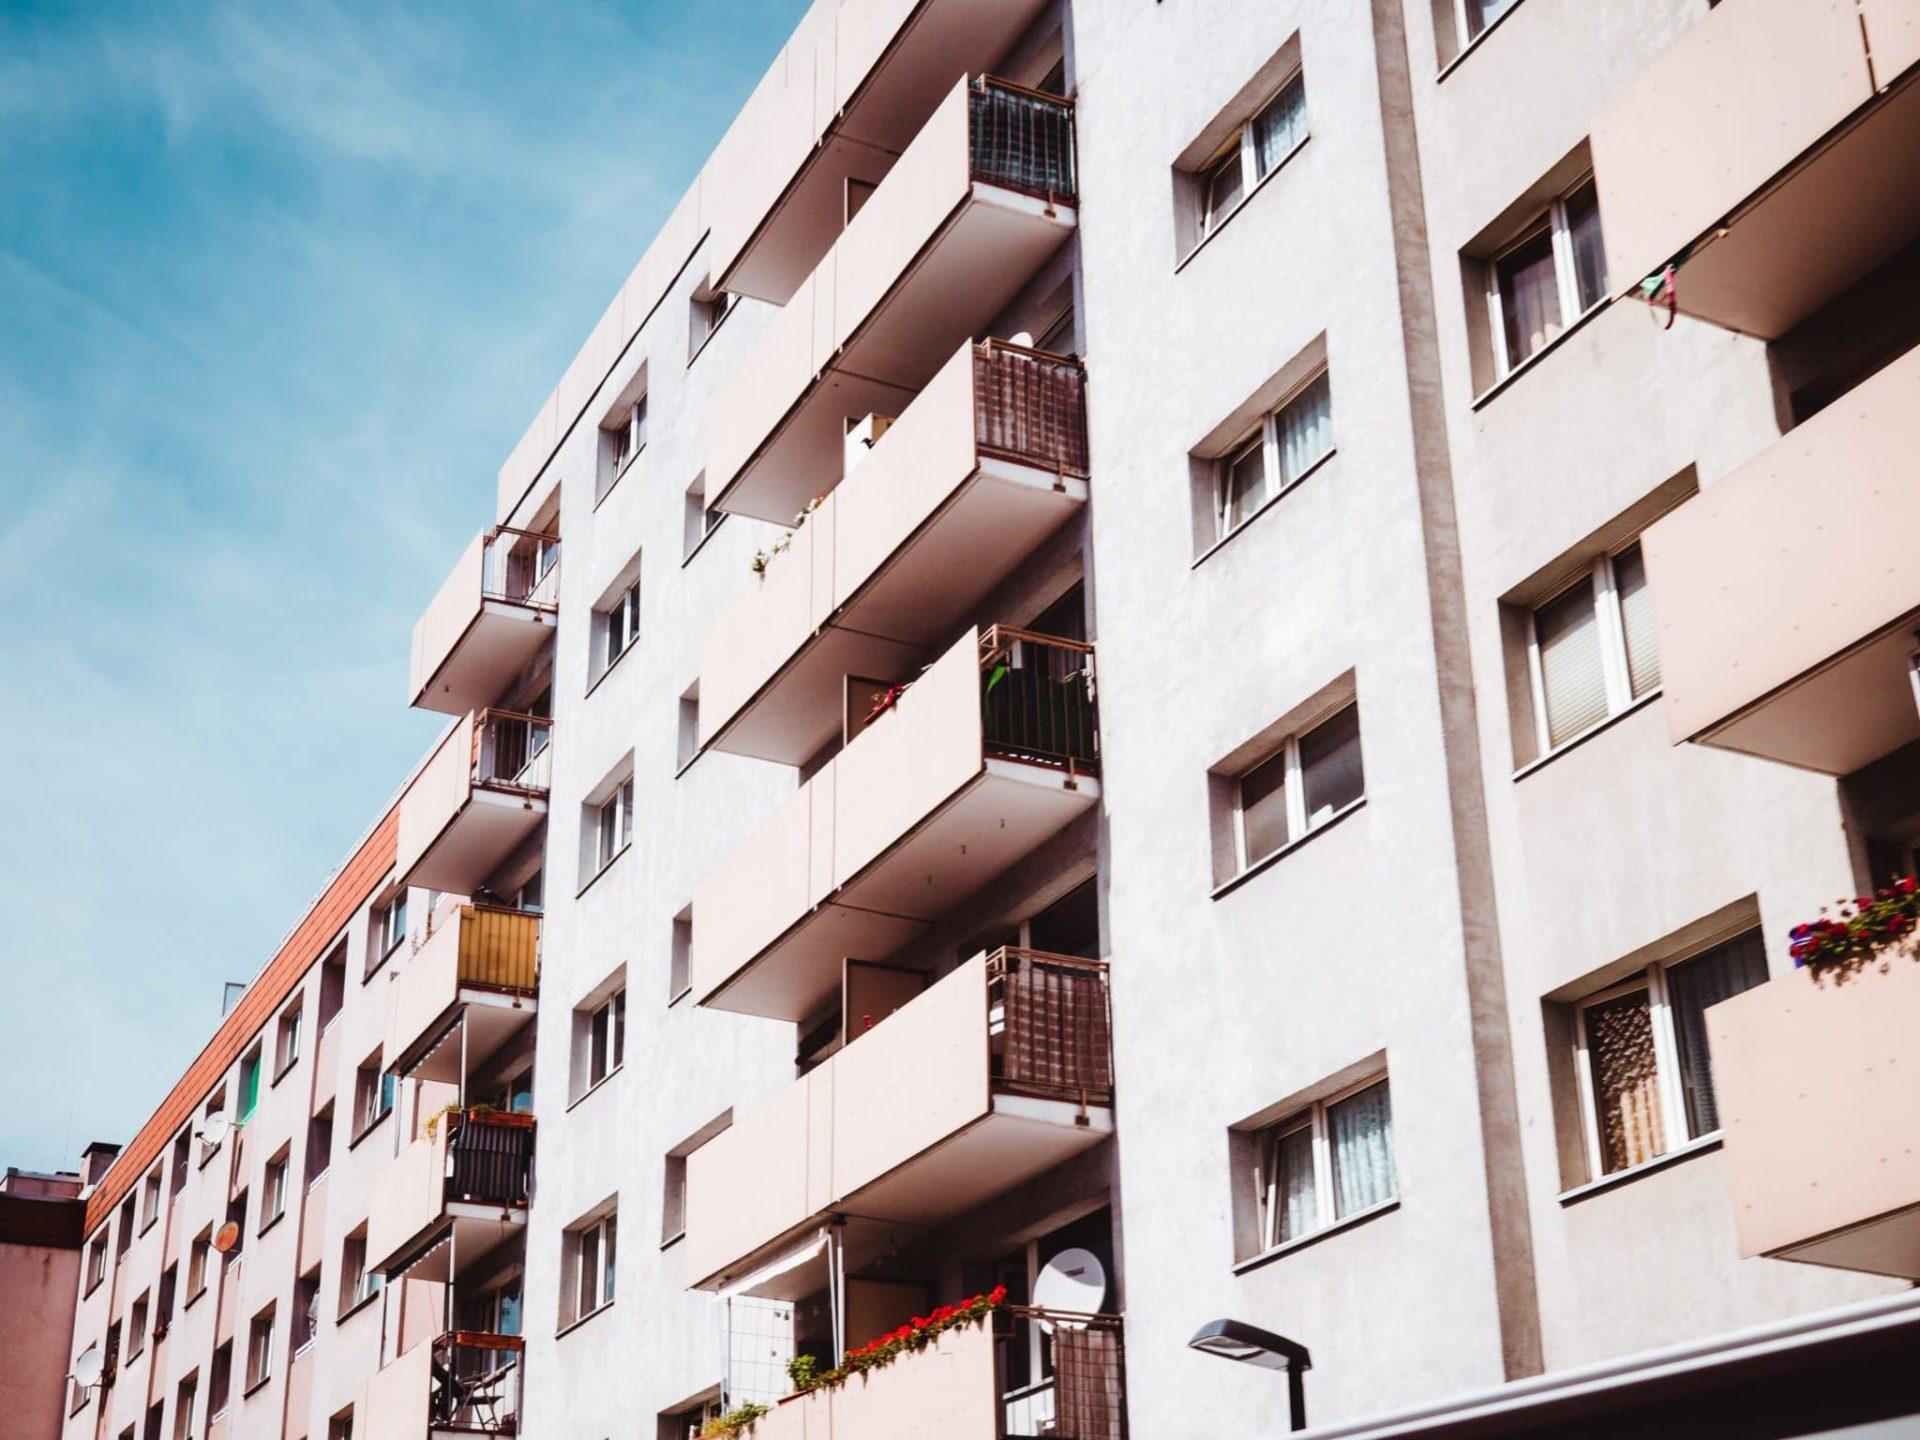 купить доходный дом в германии можно без проблем